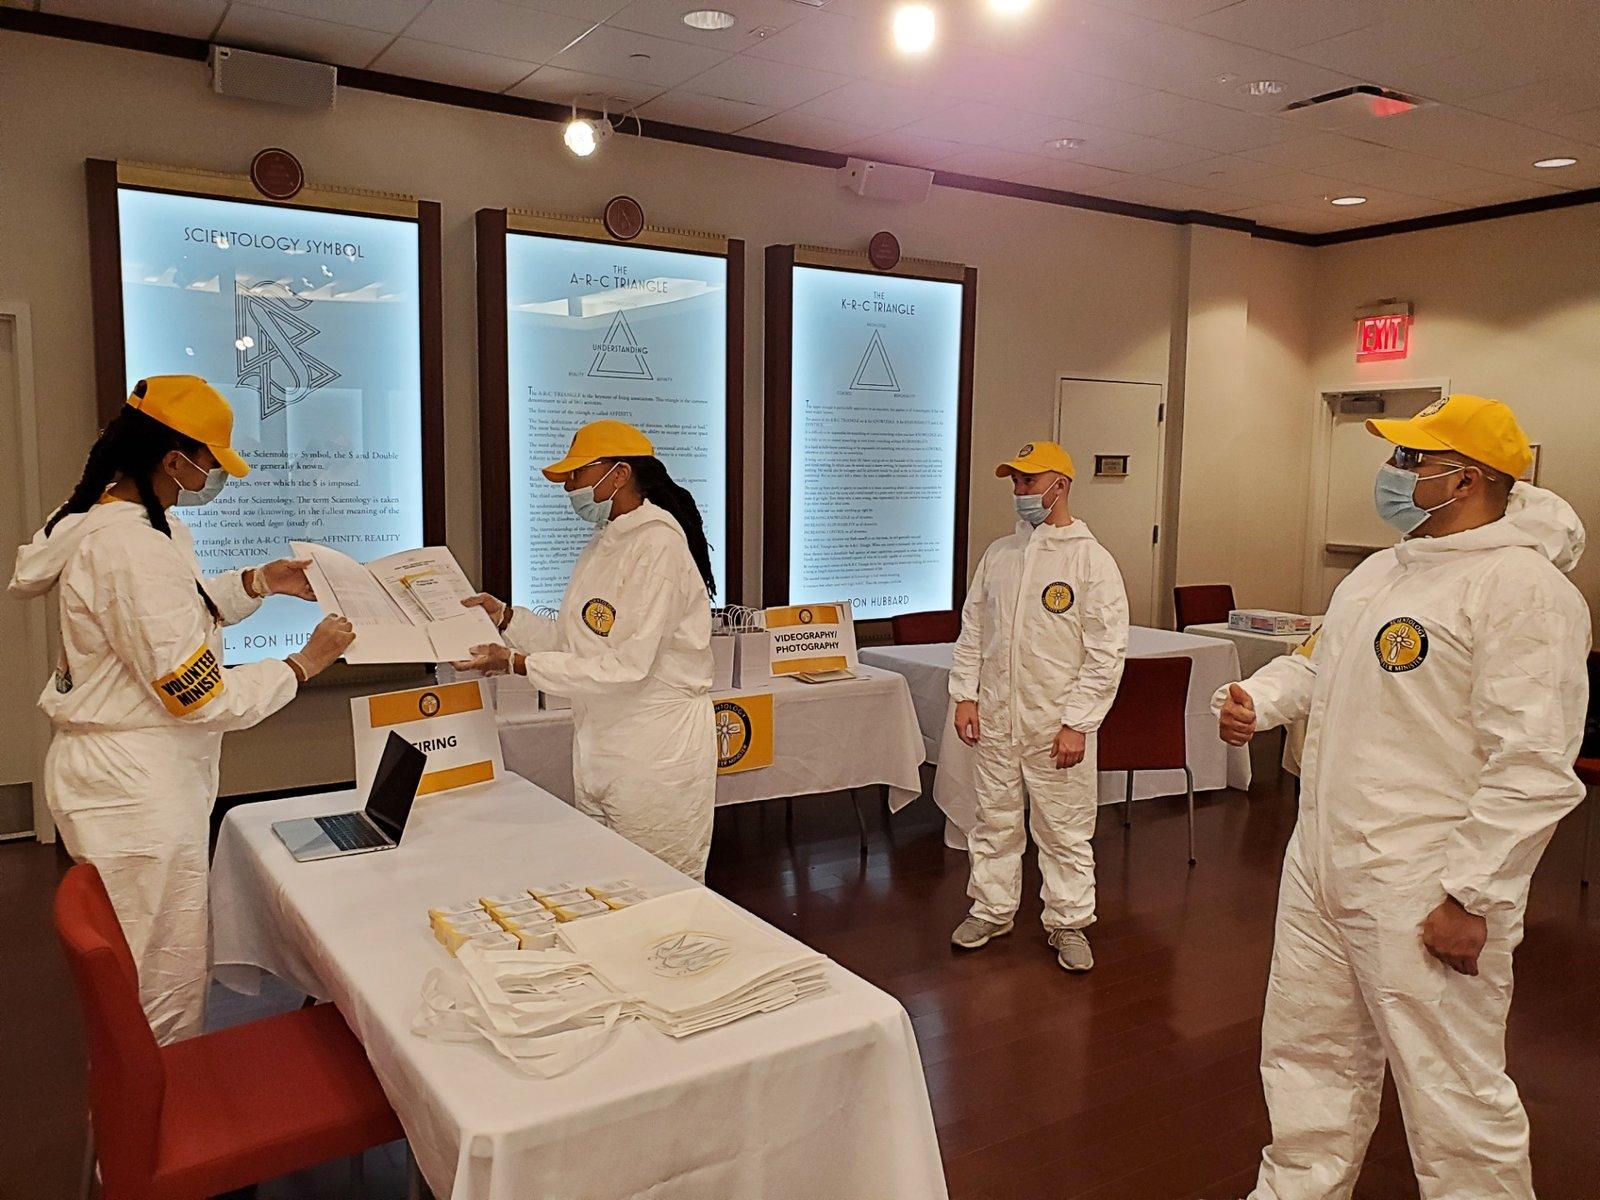 Dobrovolníci se shromáždili v Scientologické církvi v Harlem, kde si připravovali k distribuci brožury, které lidem pomohou pochopit, co mohou udělat pro to, aby se udrželi sebe i ostatní zdravé.